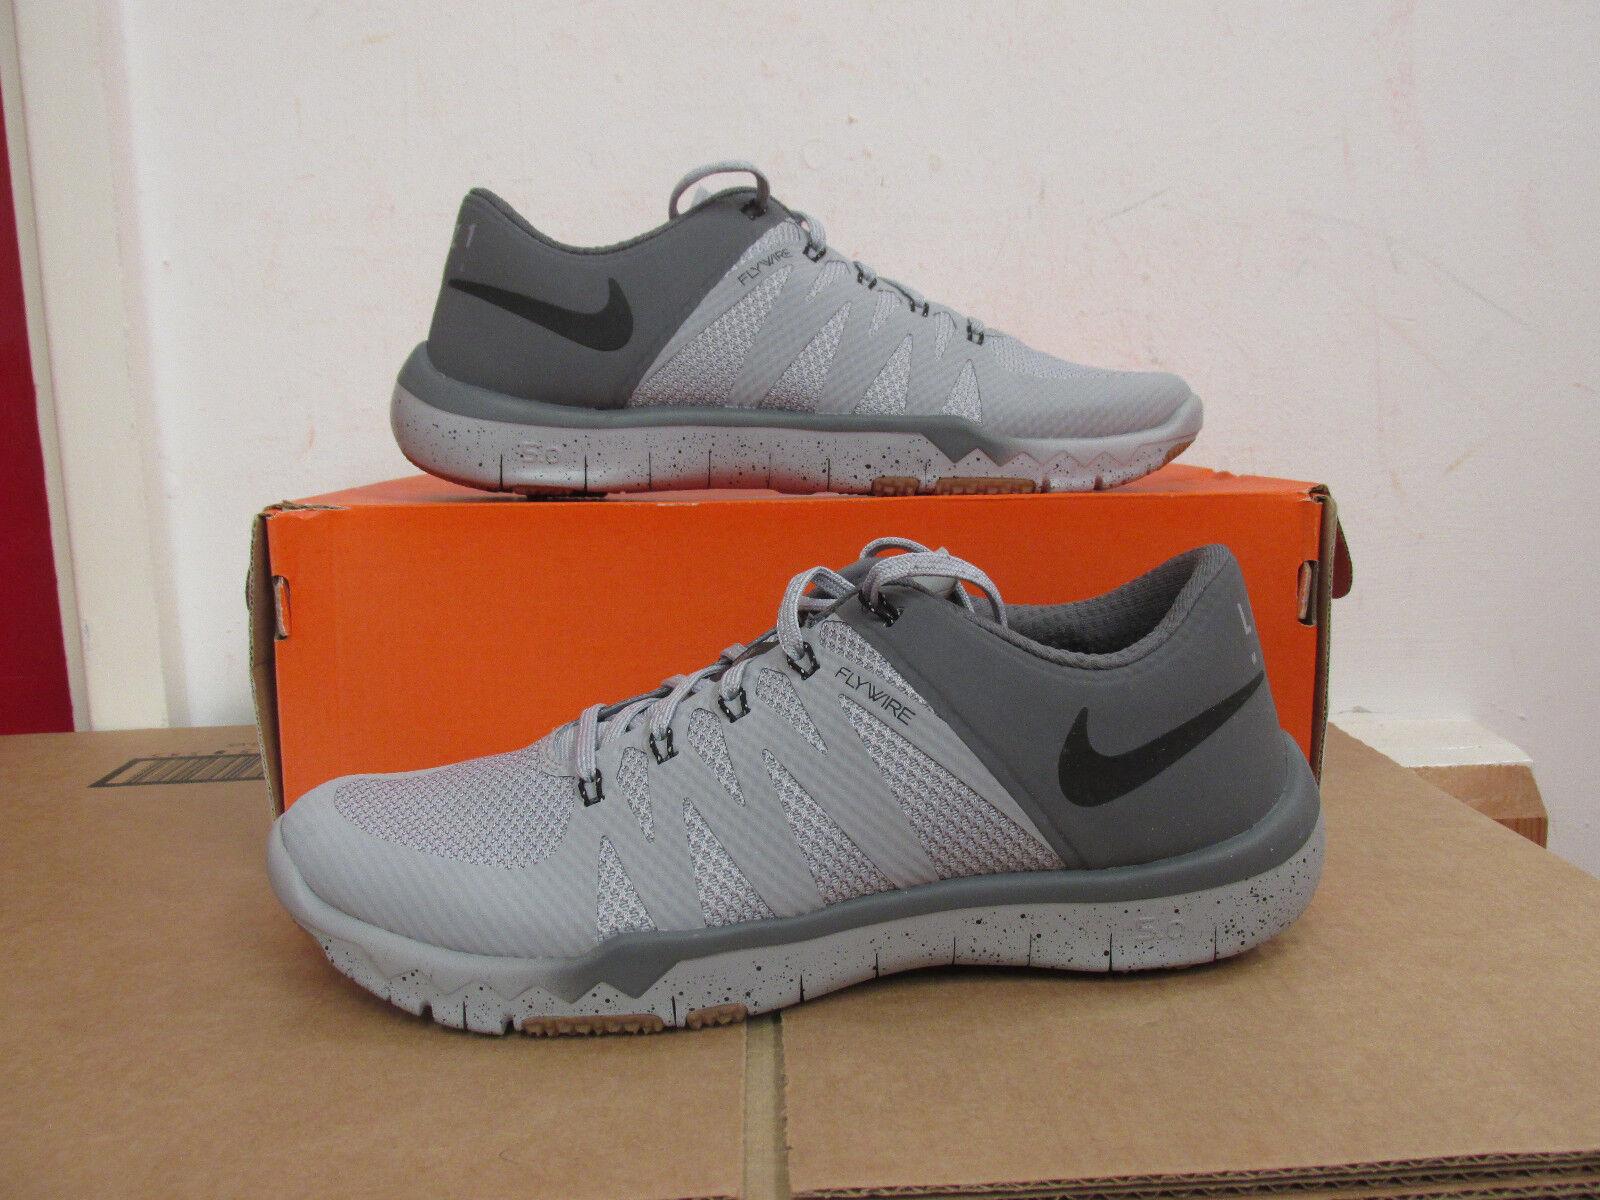 Nike Lab Gratuit Tr 5.0 5.0 5.0 V6 Chaussure de Course pour Homme 799457 001 Baskets 3f851a